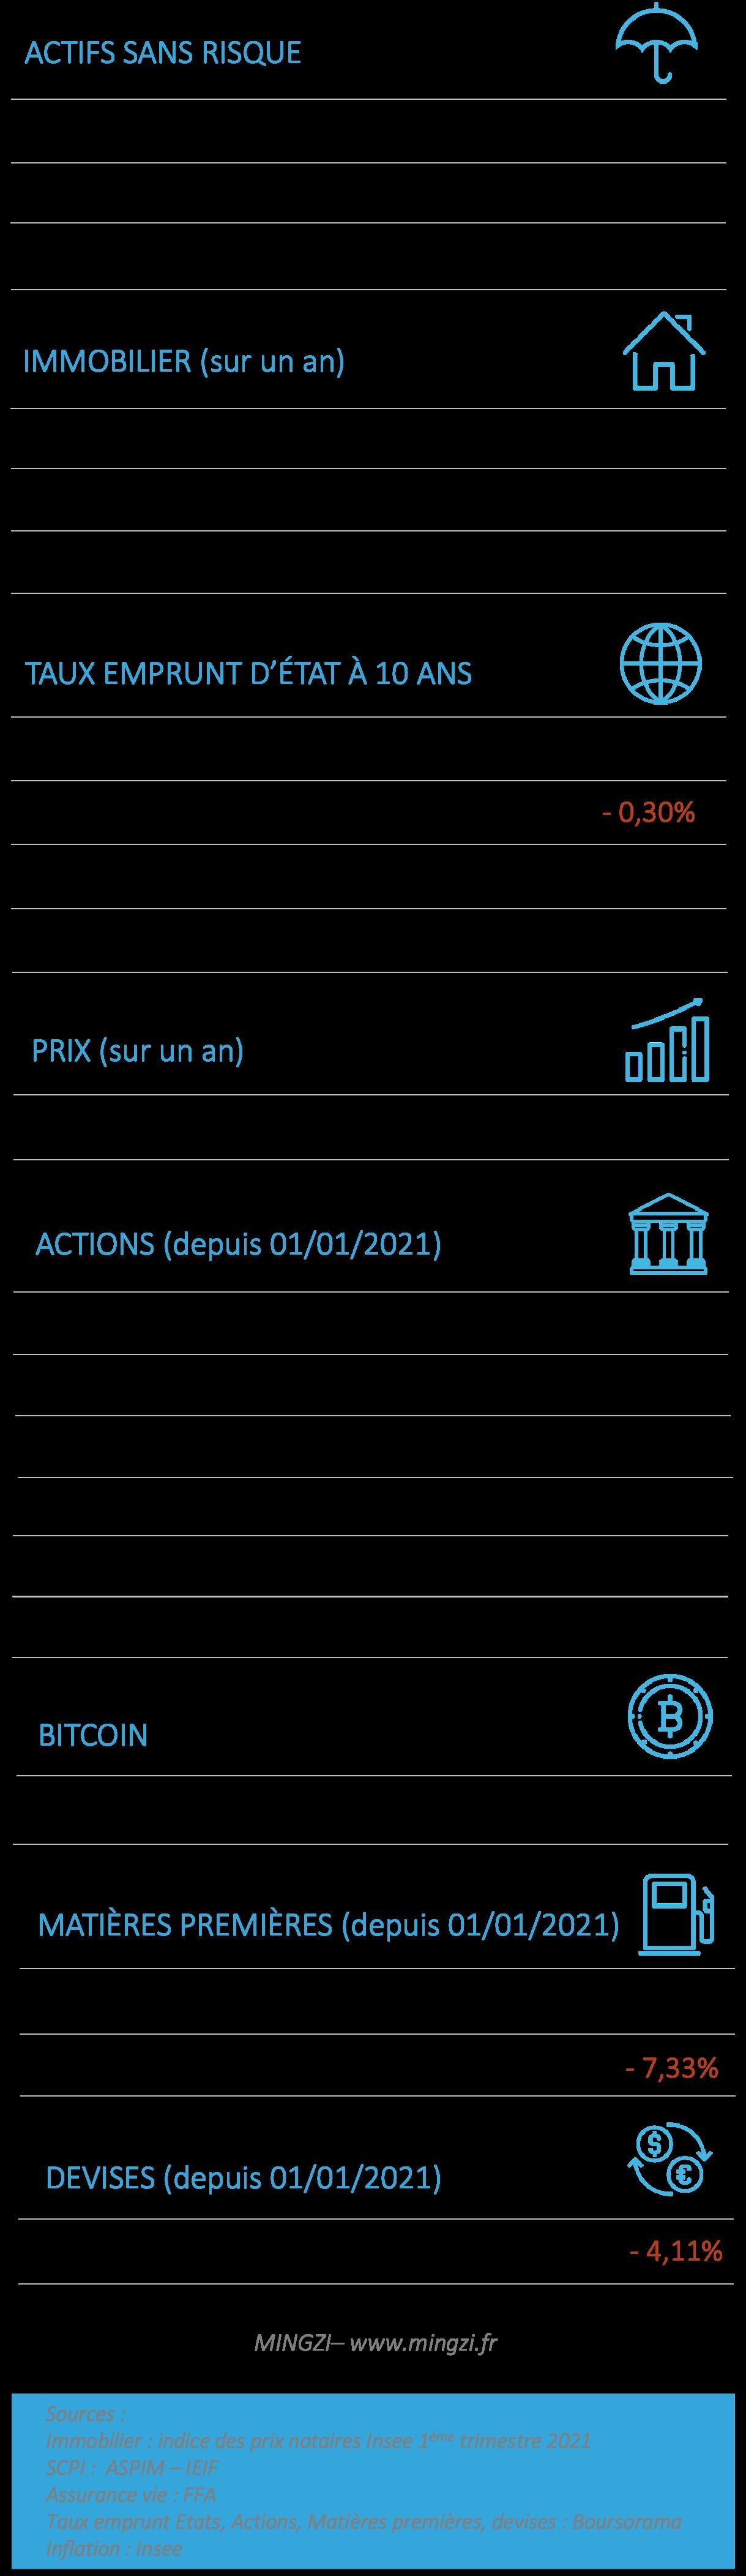 Performances placements 2021 09 18